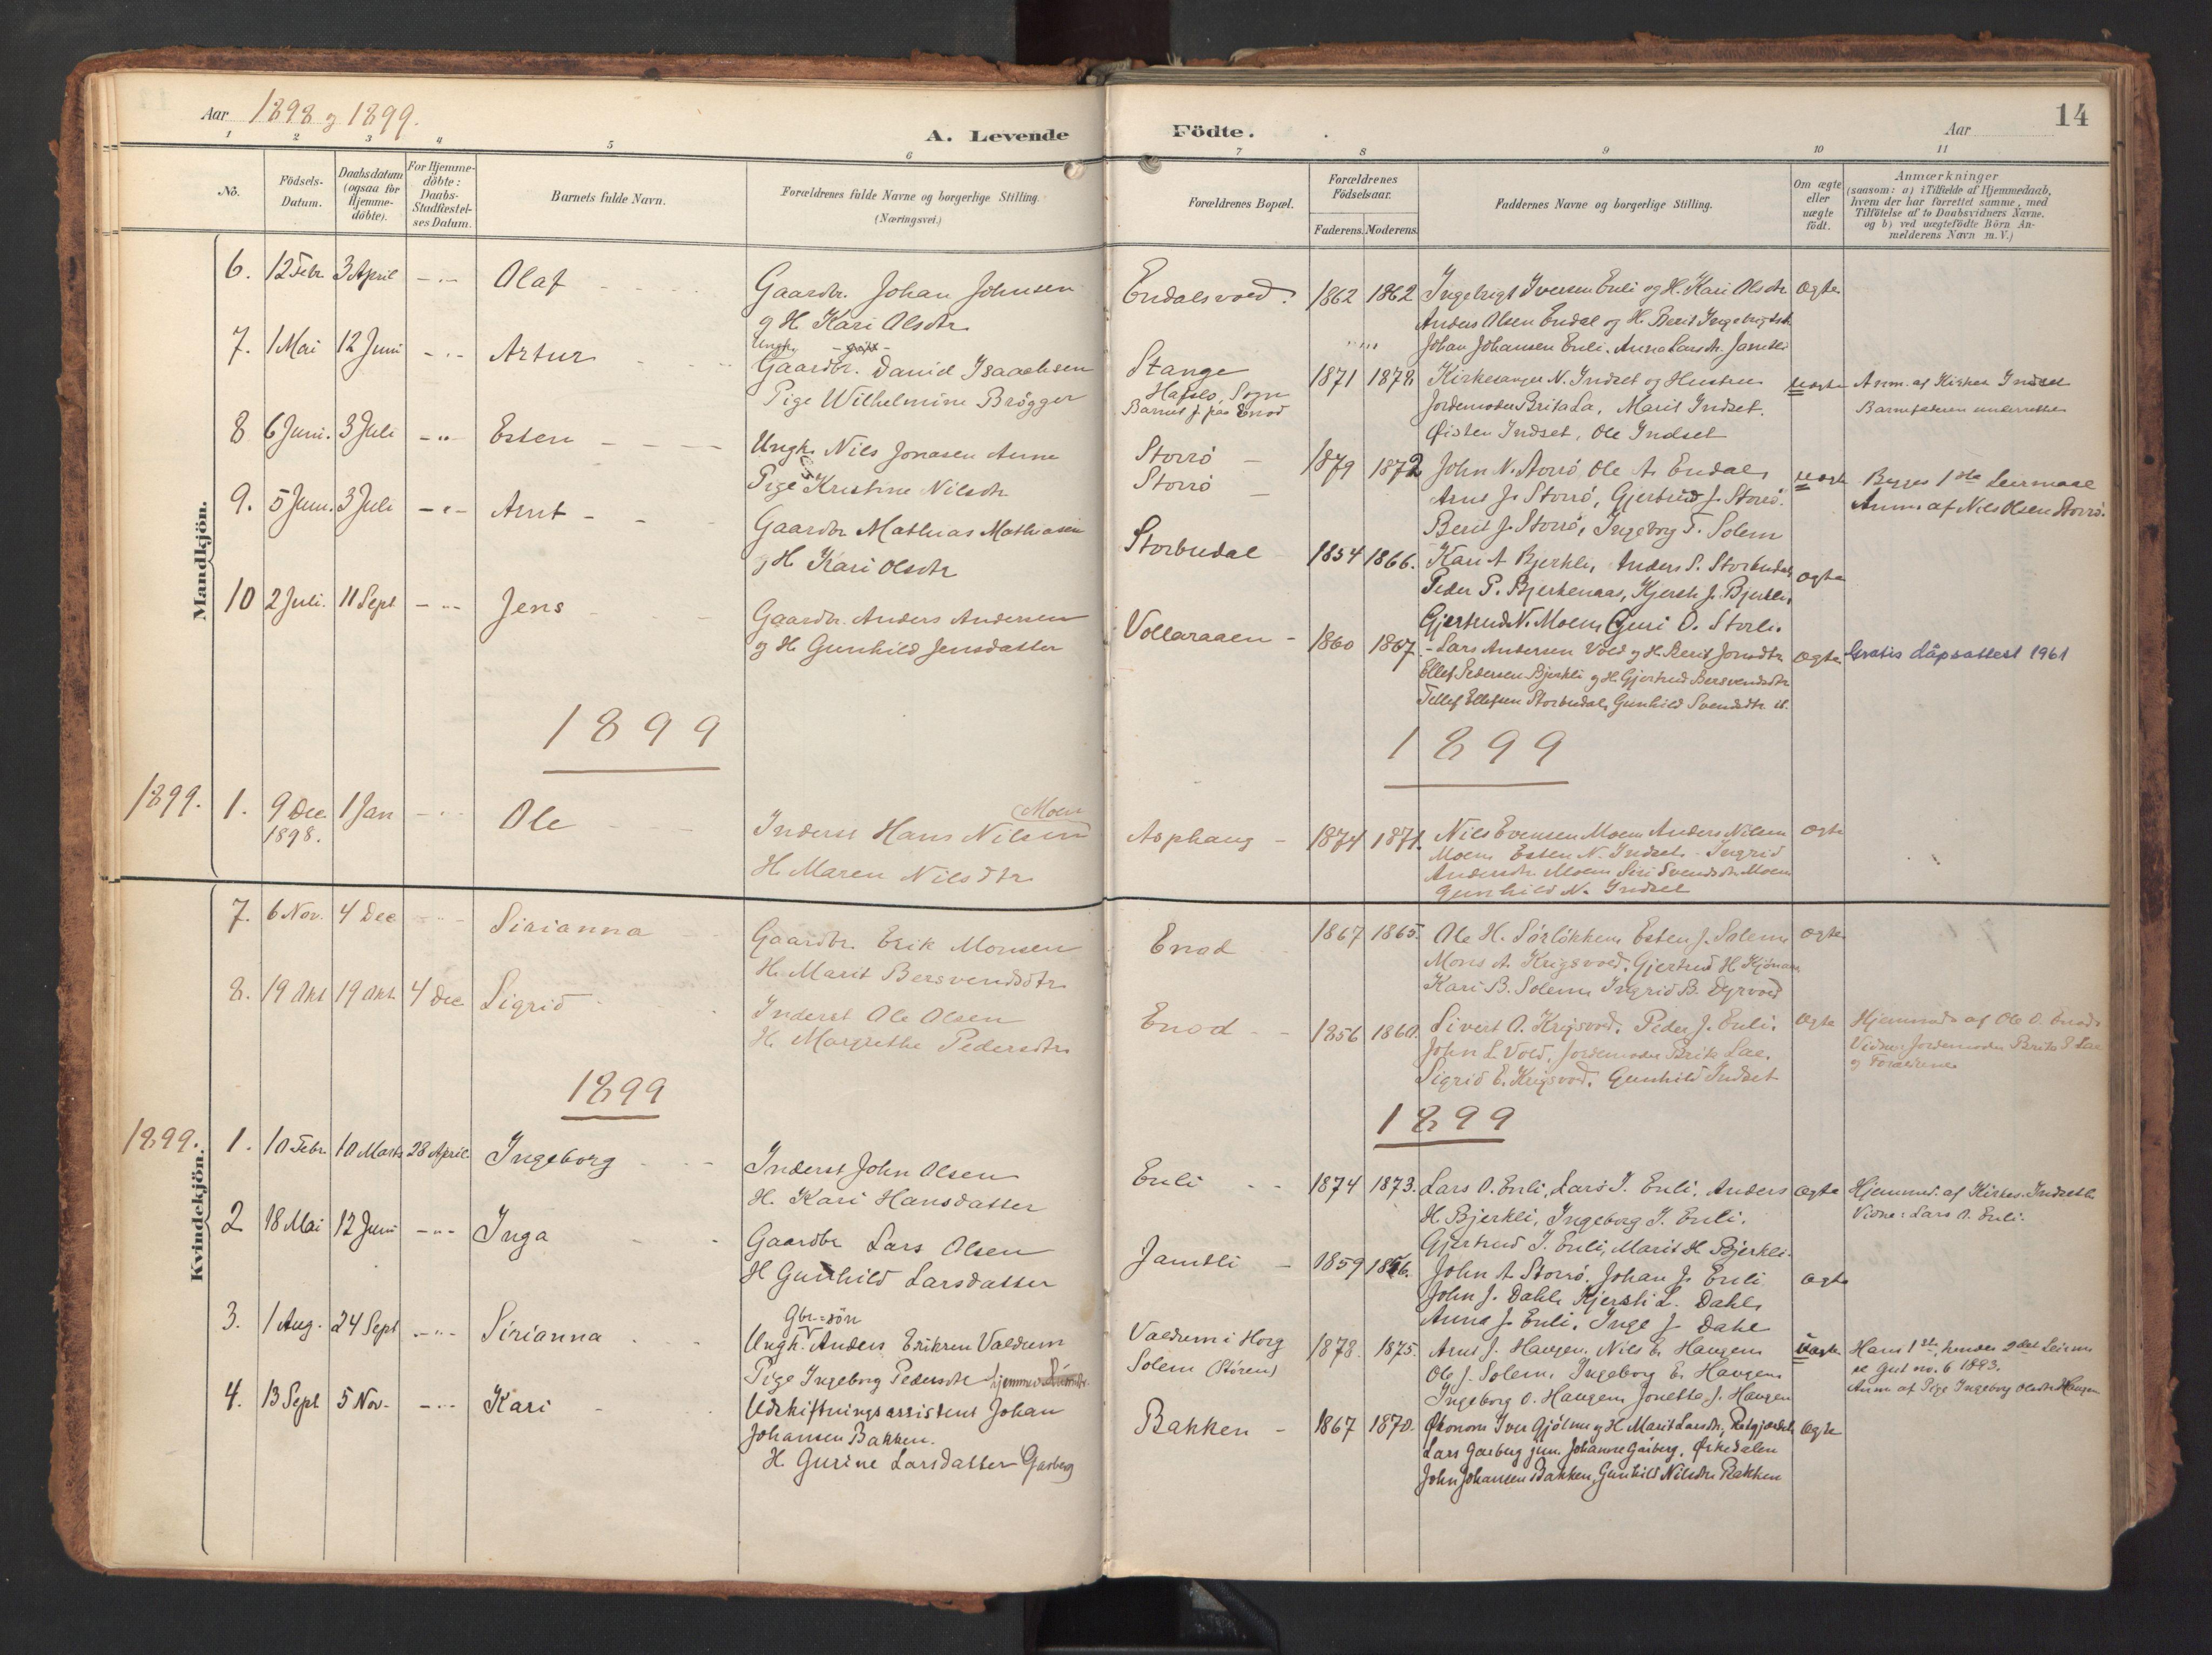 SAT, Ministerialprotokoller, klokkerbøker og fødselsregistre - Sør-Trøndelag, 690/L1050: Ministerialbok nr. 690A01, 1889-1929, s. 14